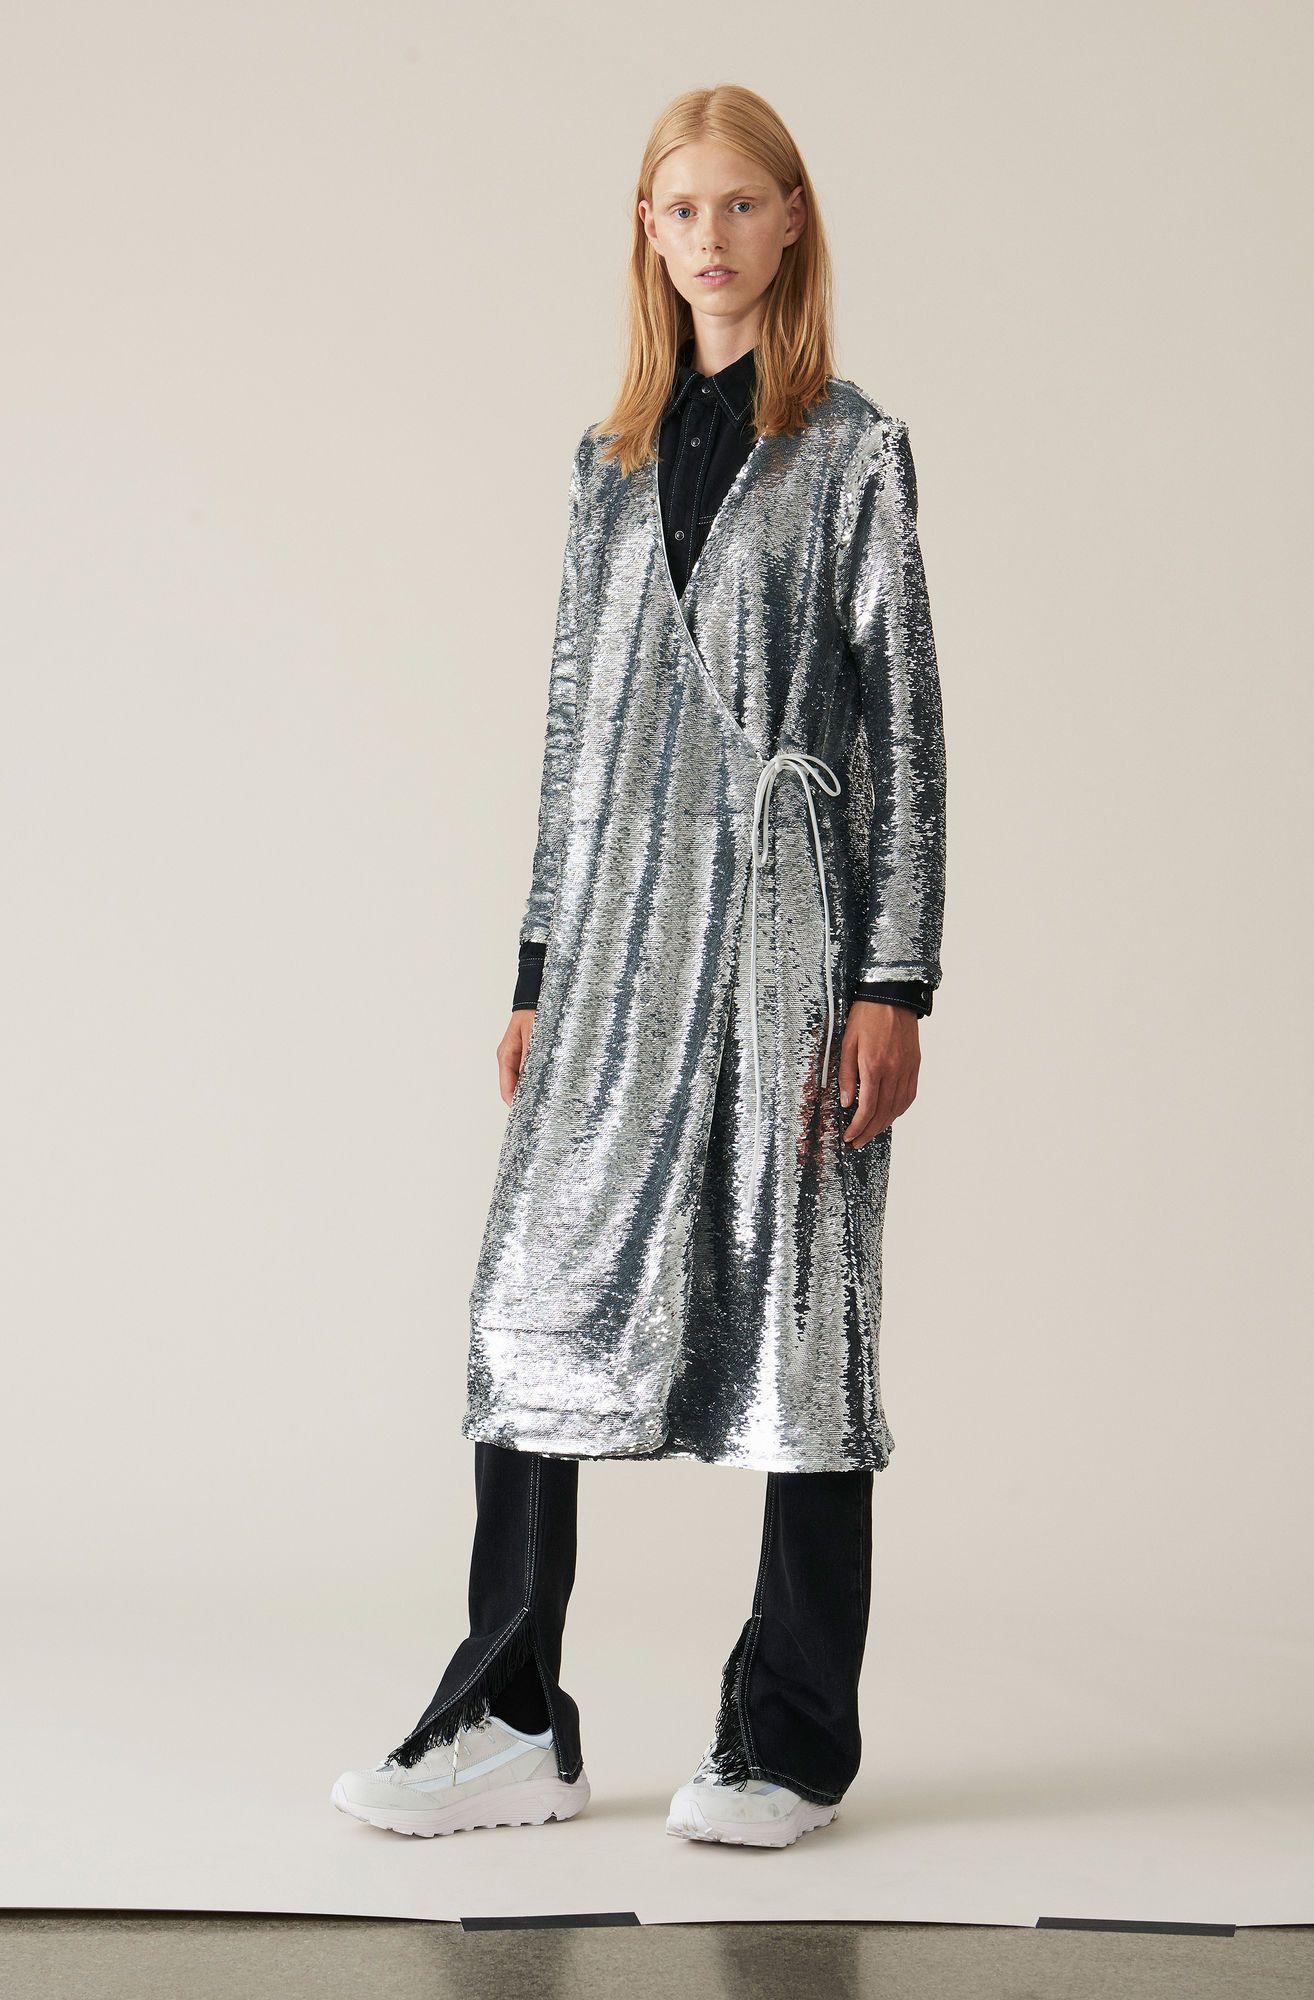 Sequins Wrap Dress, Silver Wrap dress, Dresses, Sequins